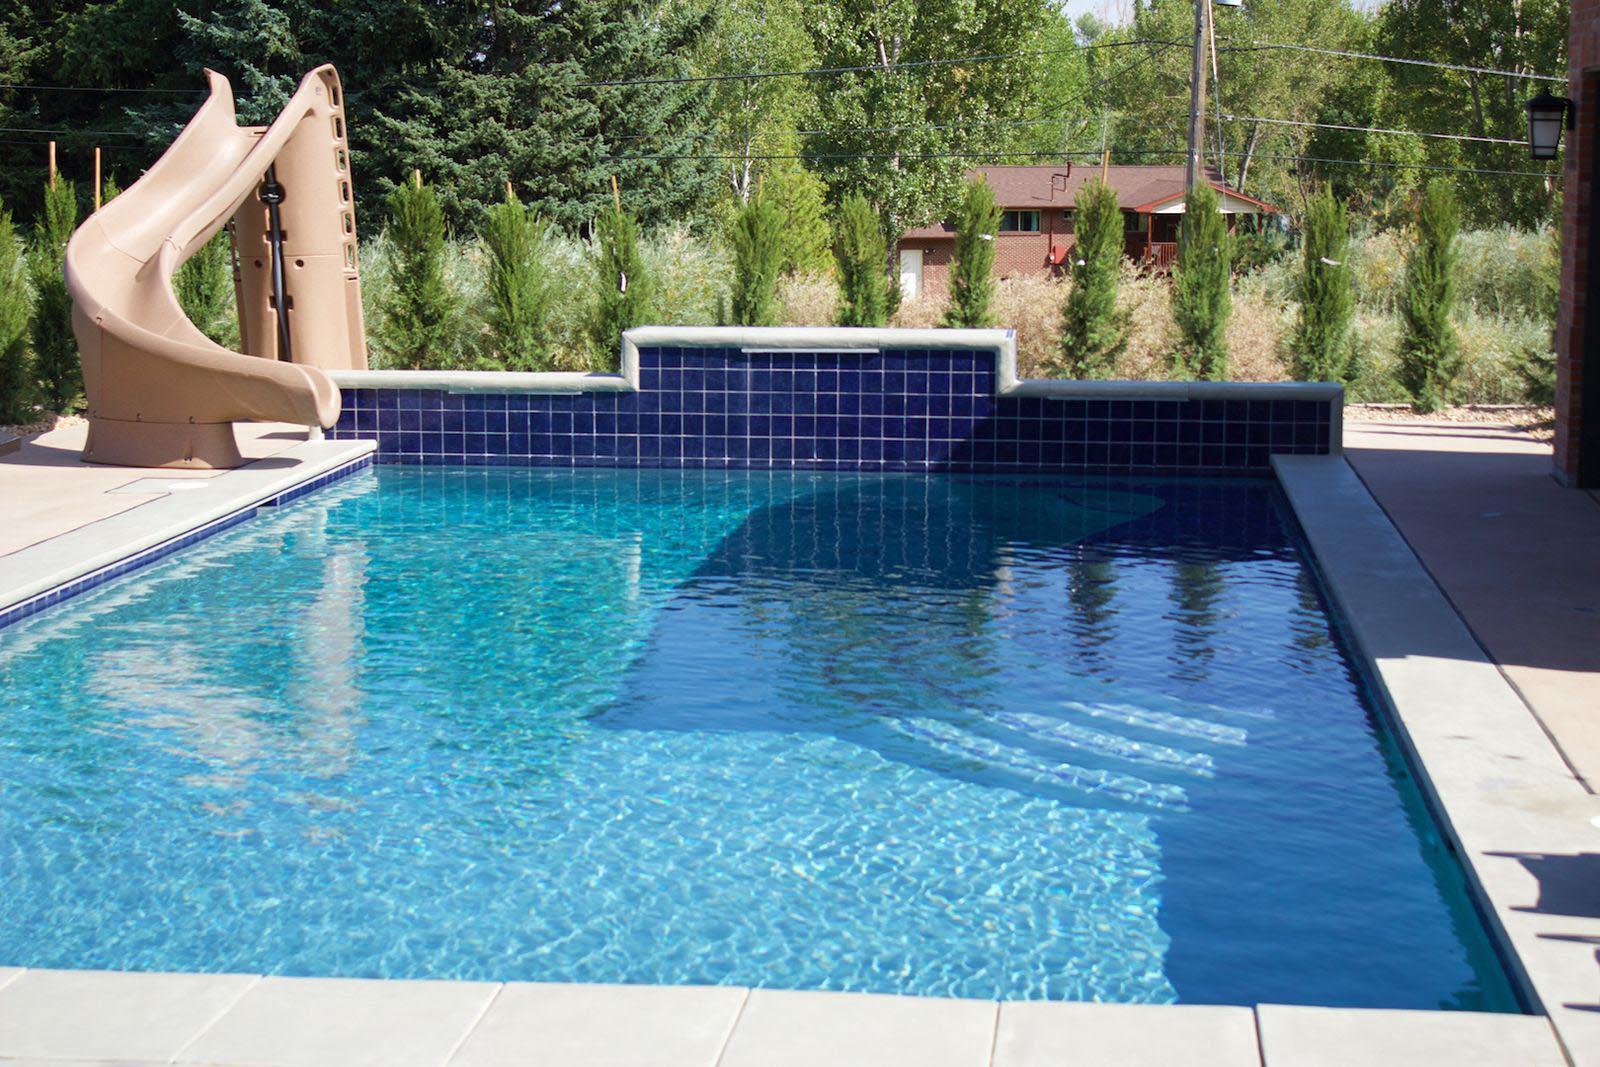 Slide For Backyard Pool